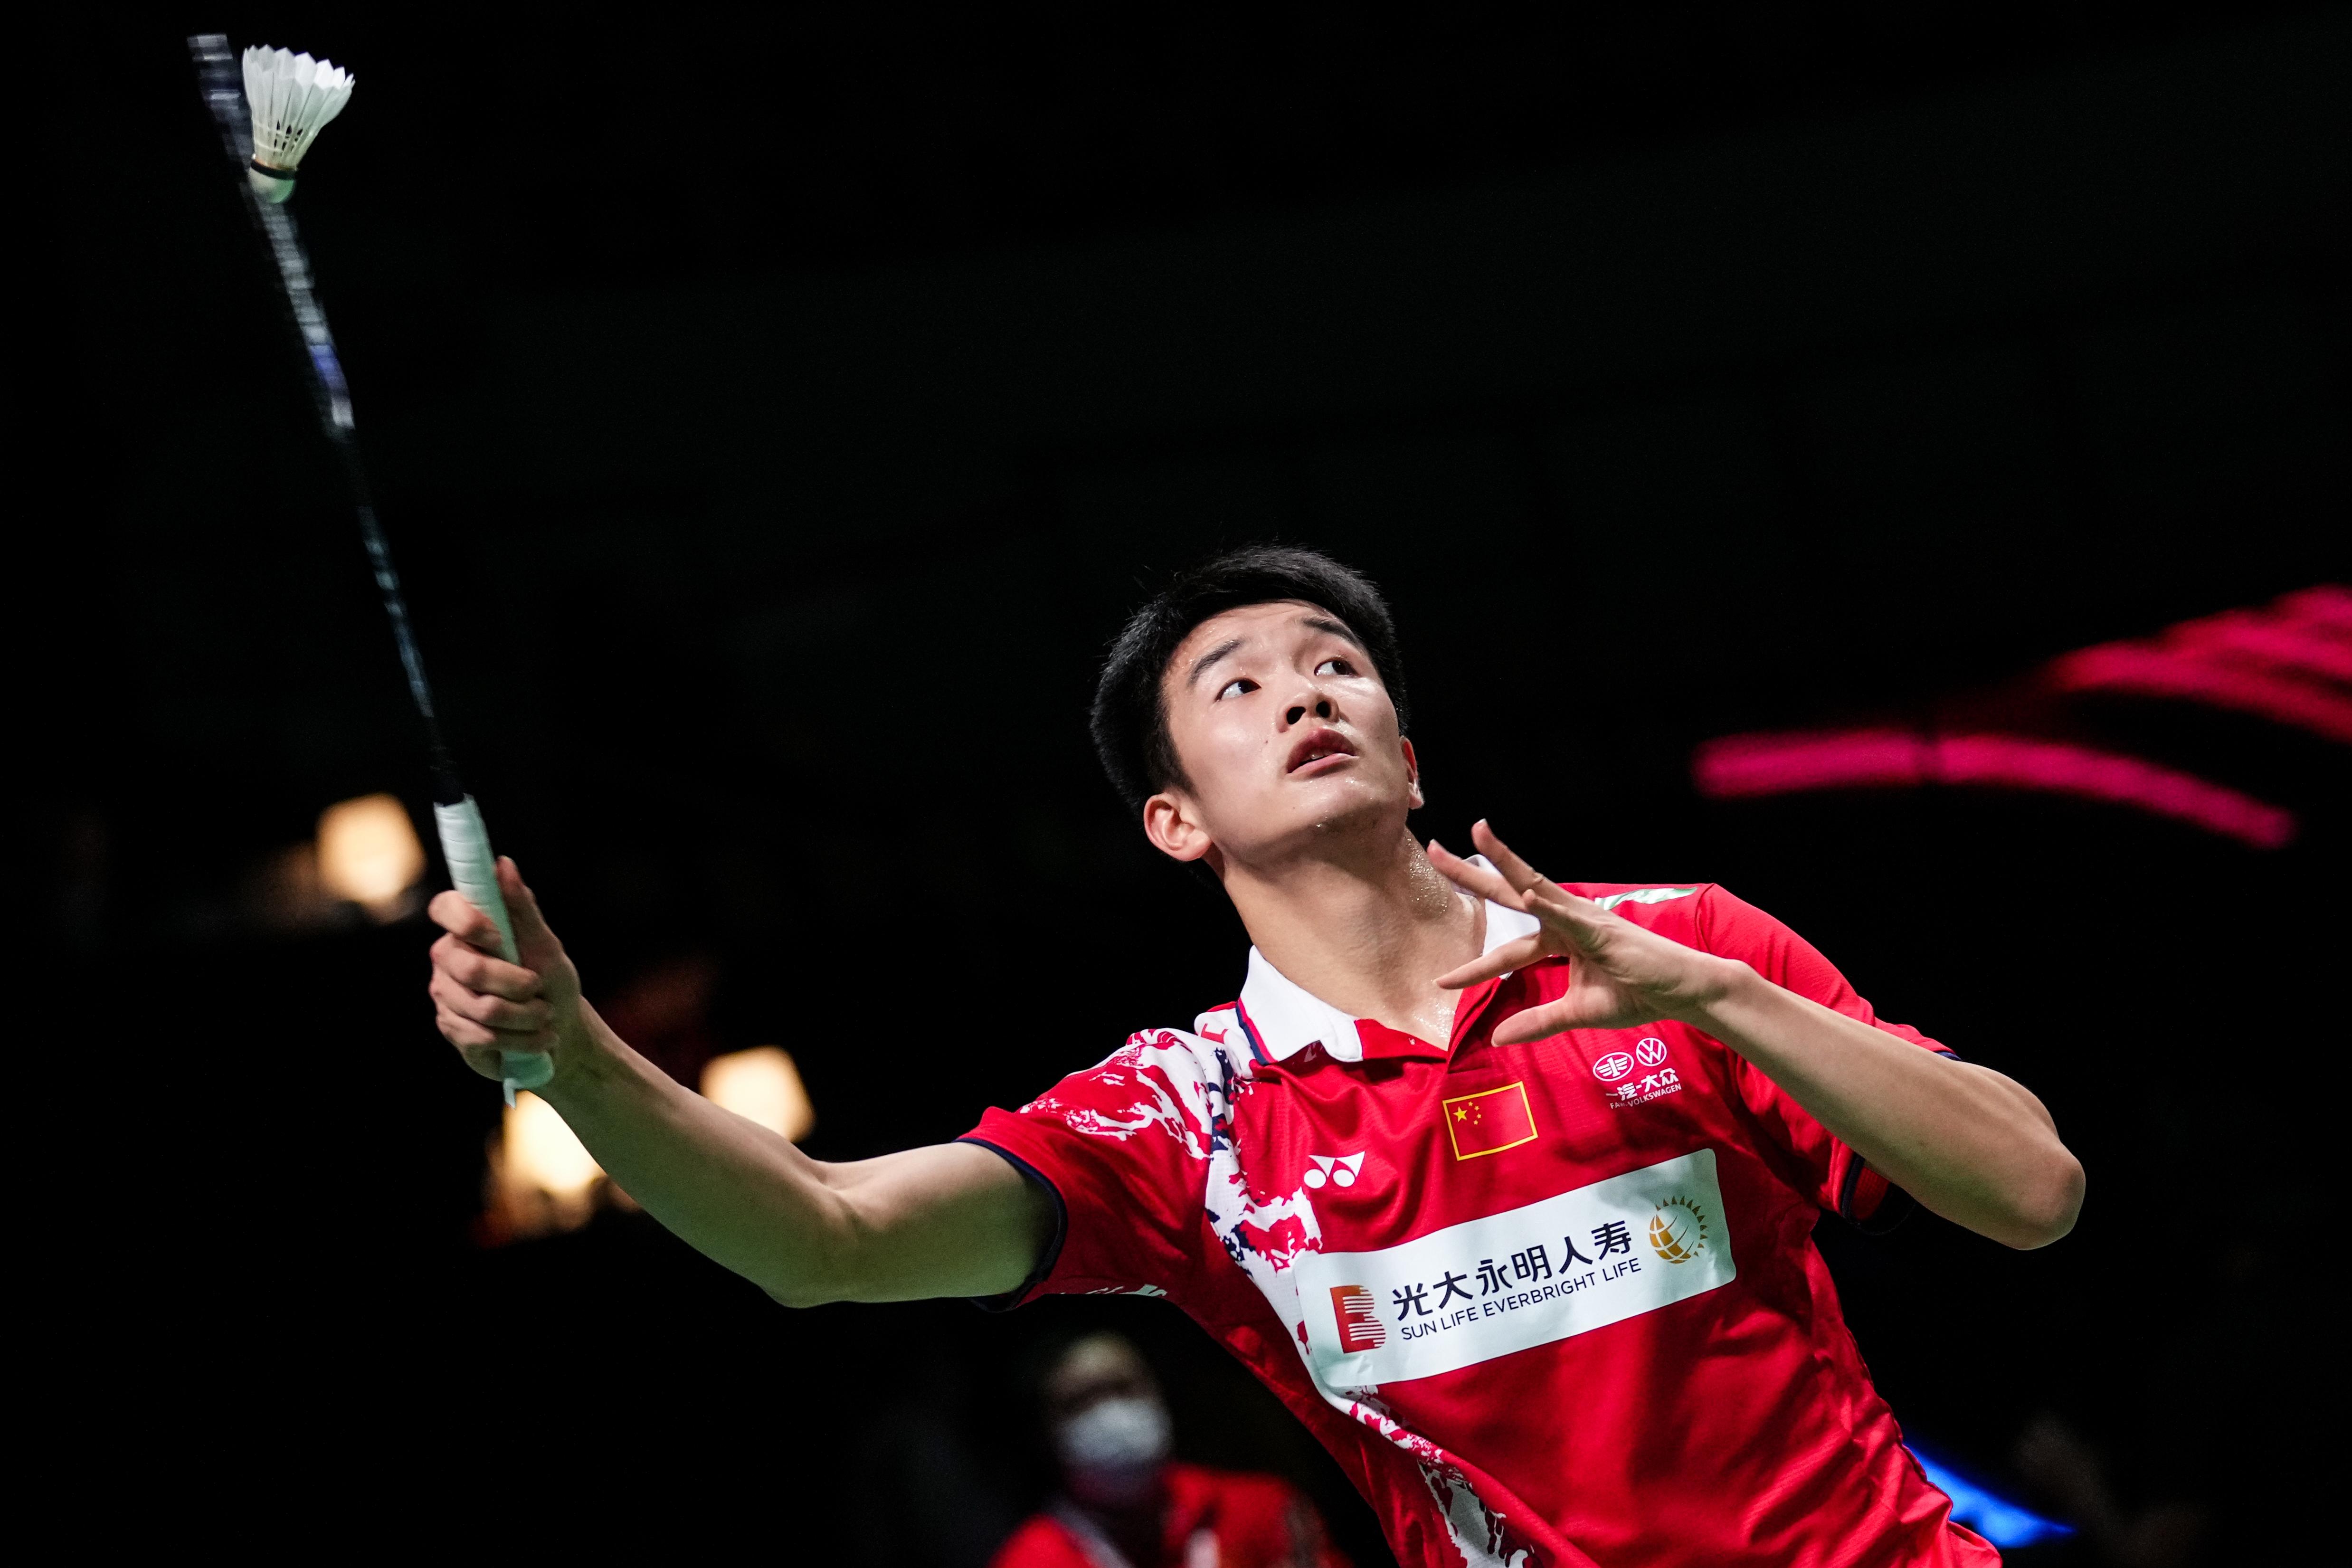 李诗沣在比赛中。